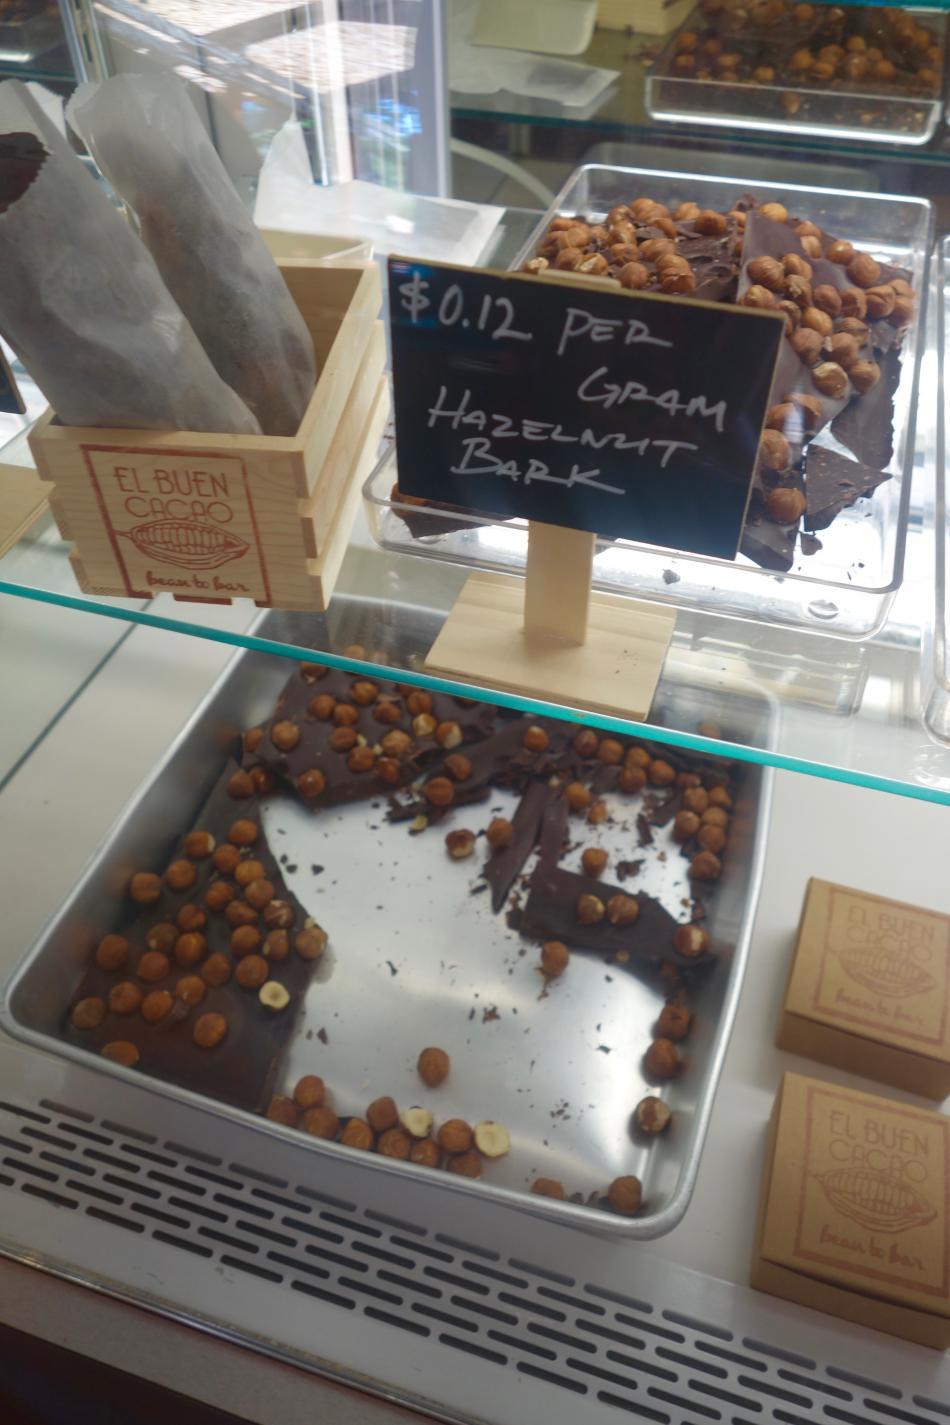 El Buen Cacao